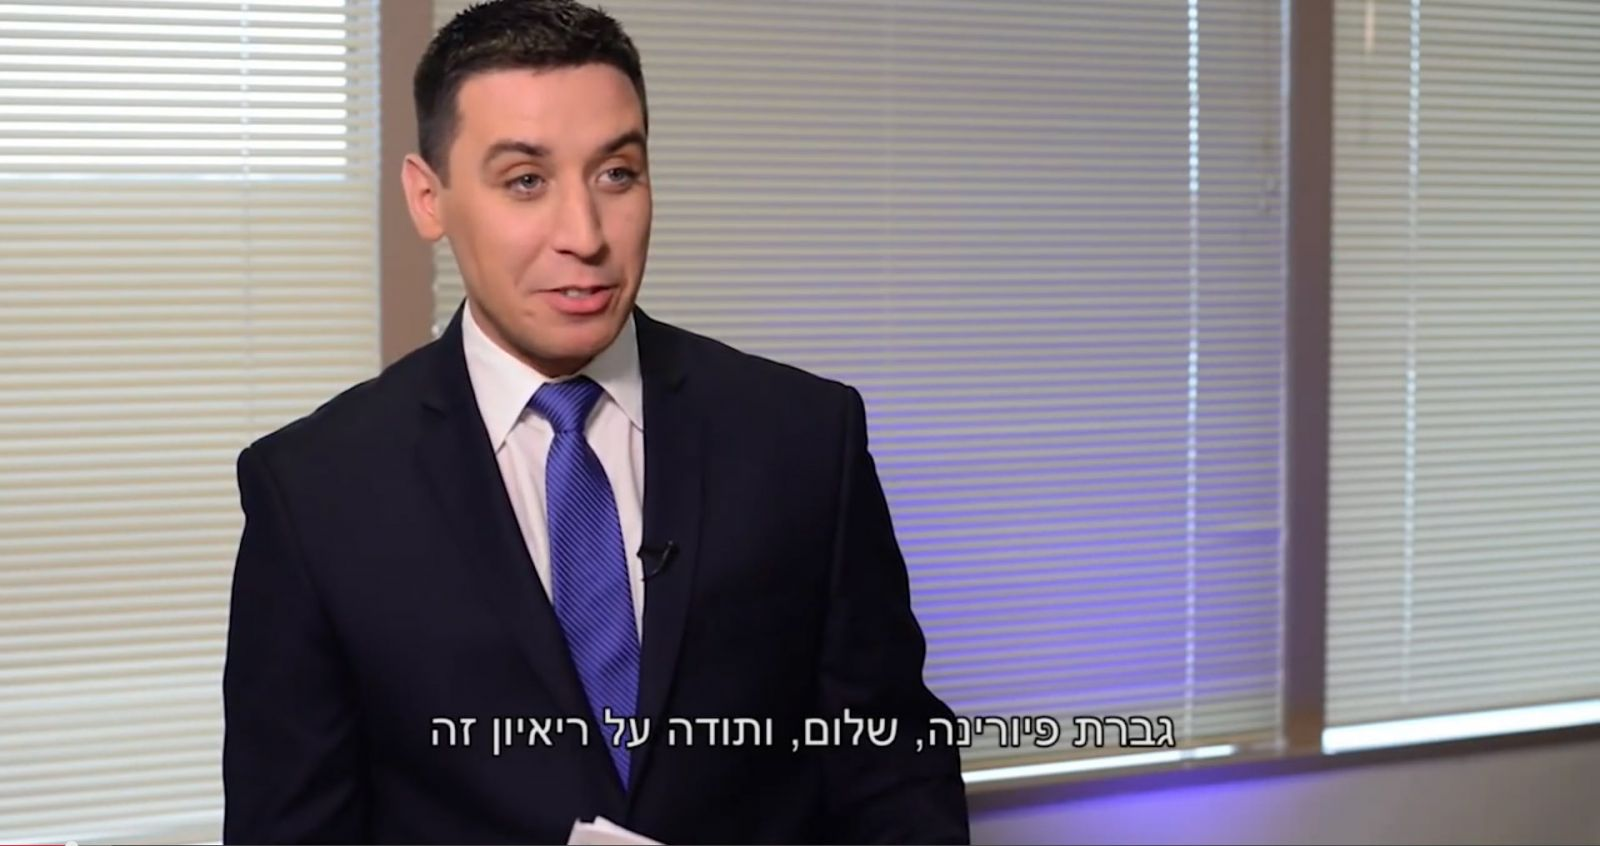 כתב ynet אטילה שומלפבי מראיין את קרלי פיורינה (צילום מסך)